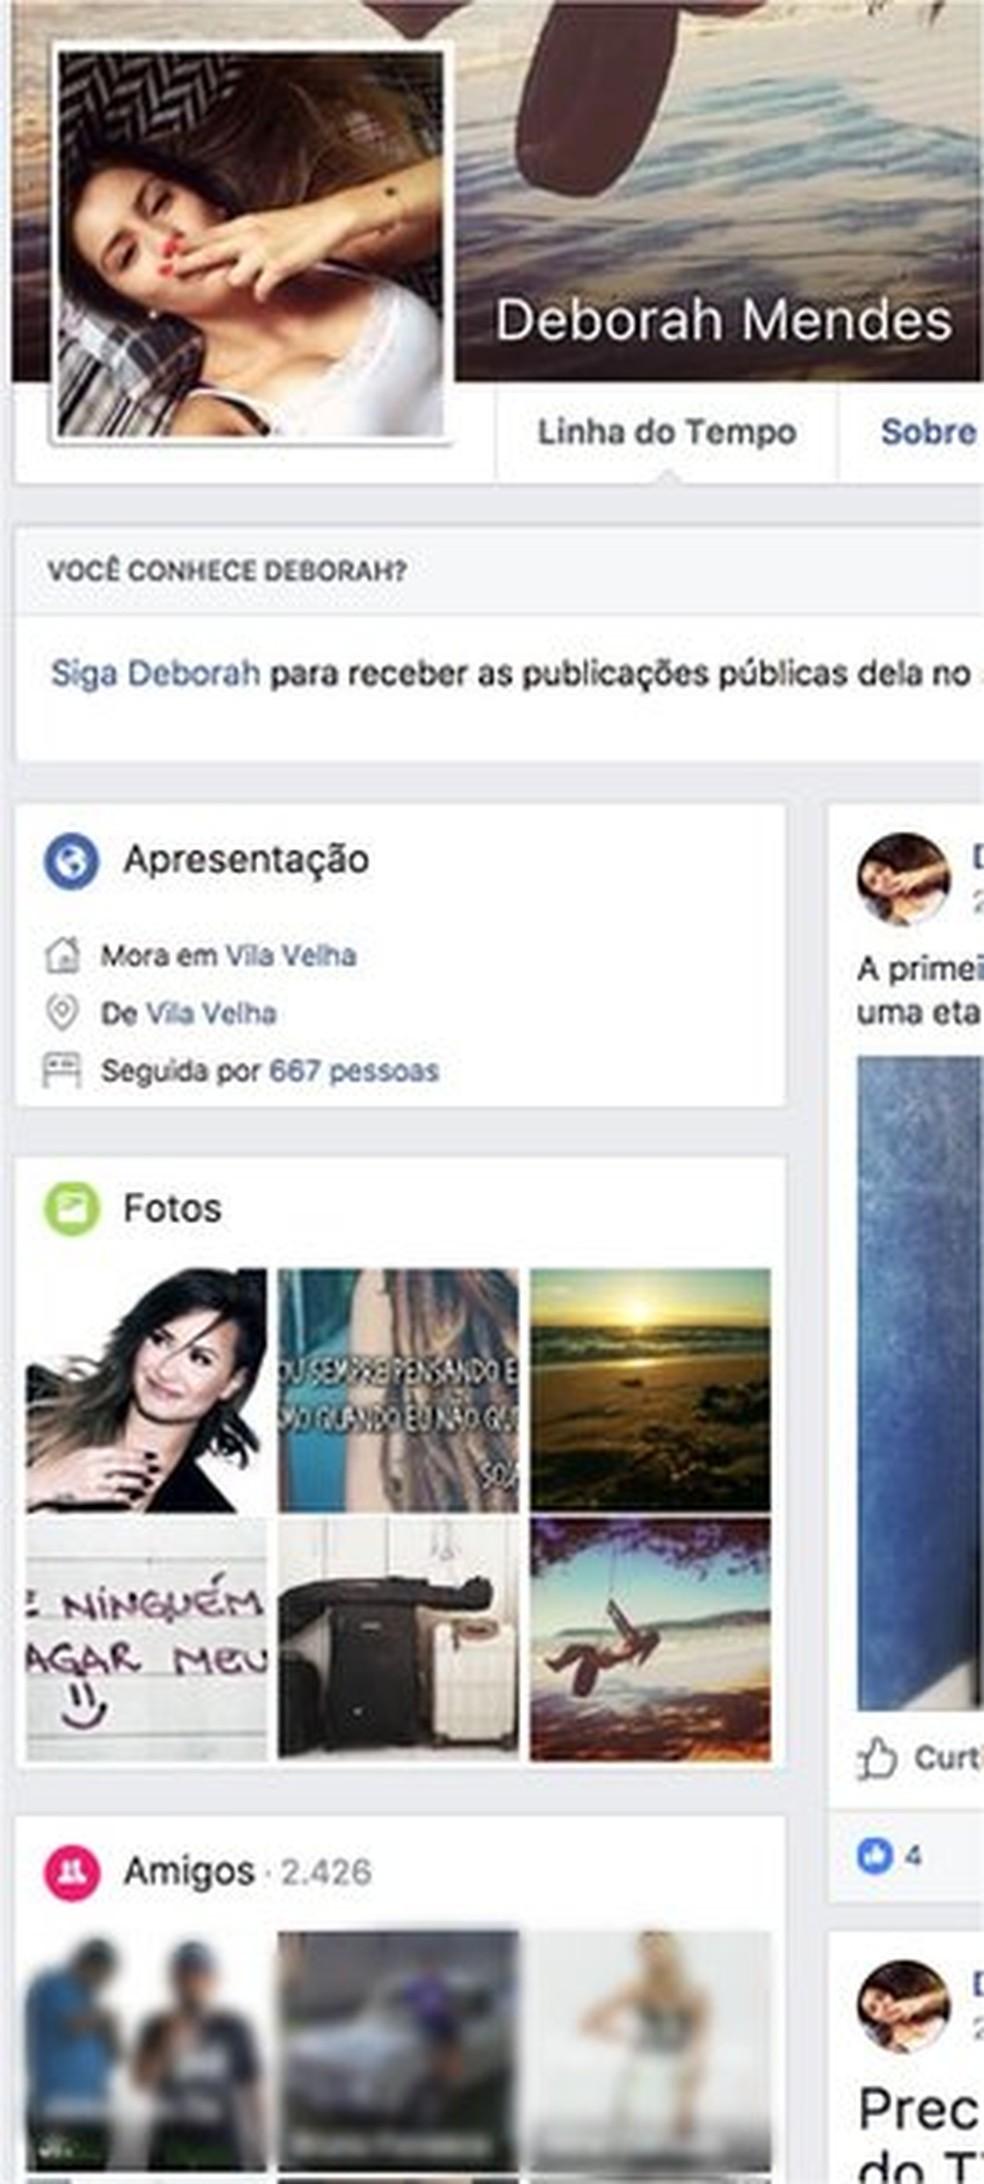 Usuária identificada como falsa, com foto de perfil de banco de dados, tem 2.426 amigos (Foto: Reprodução/Facebook)